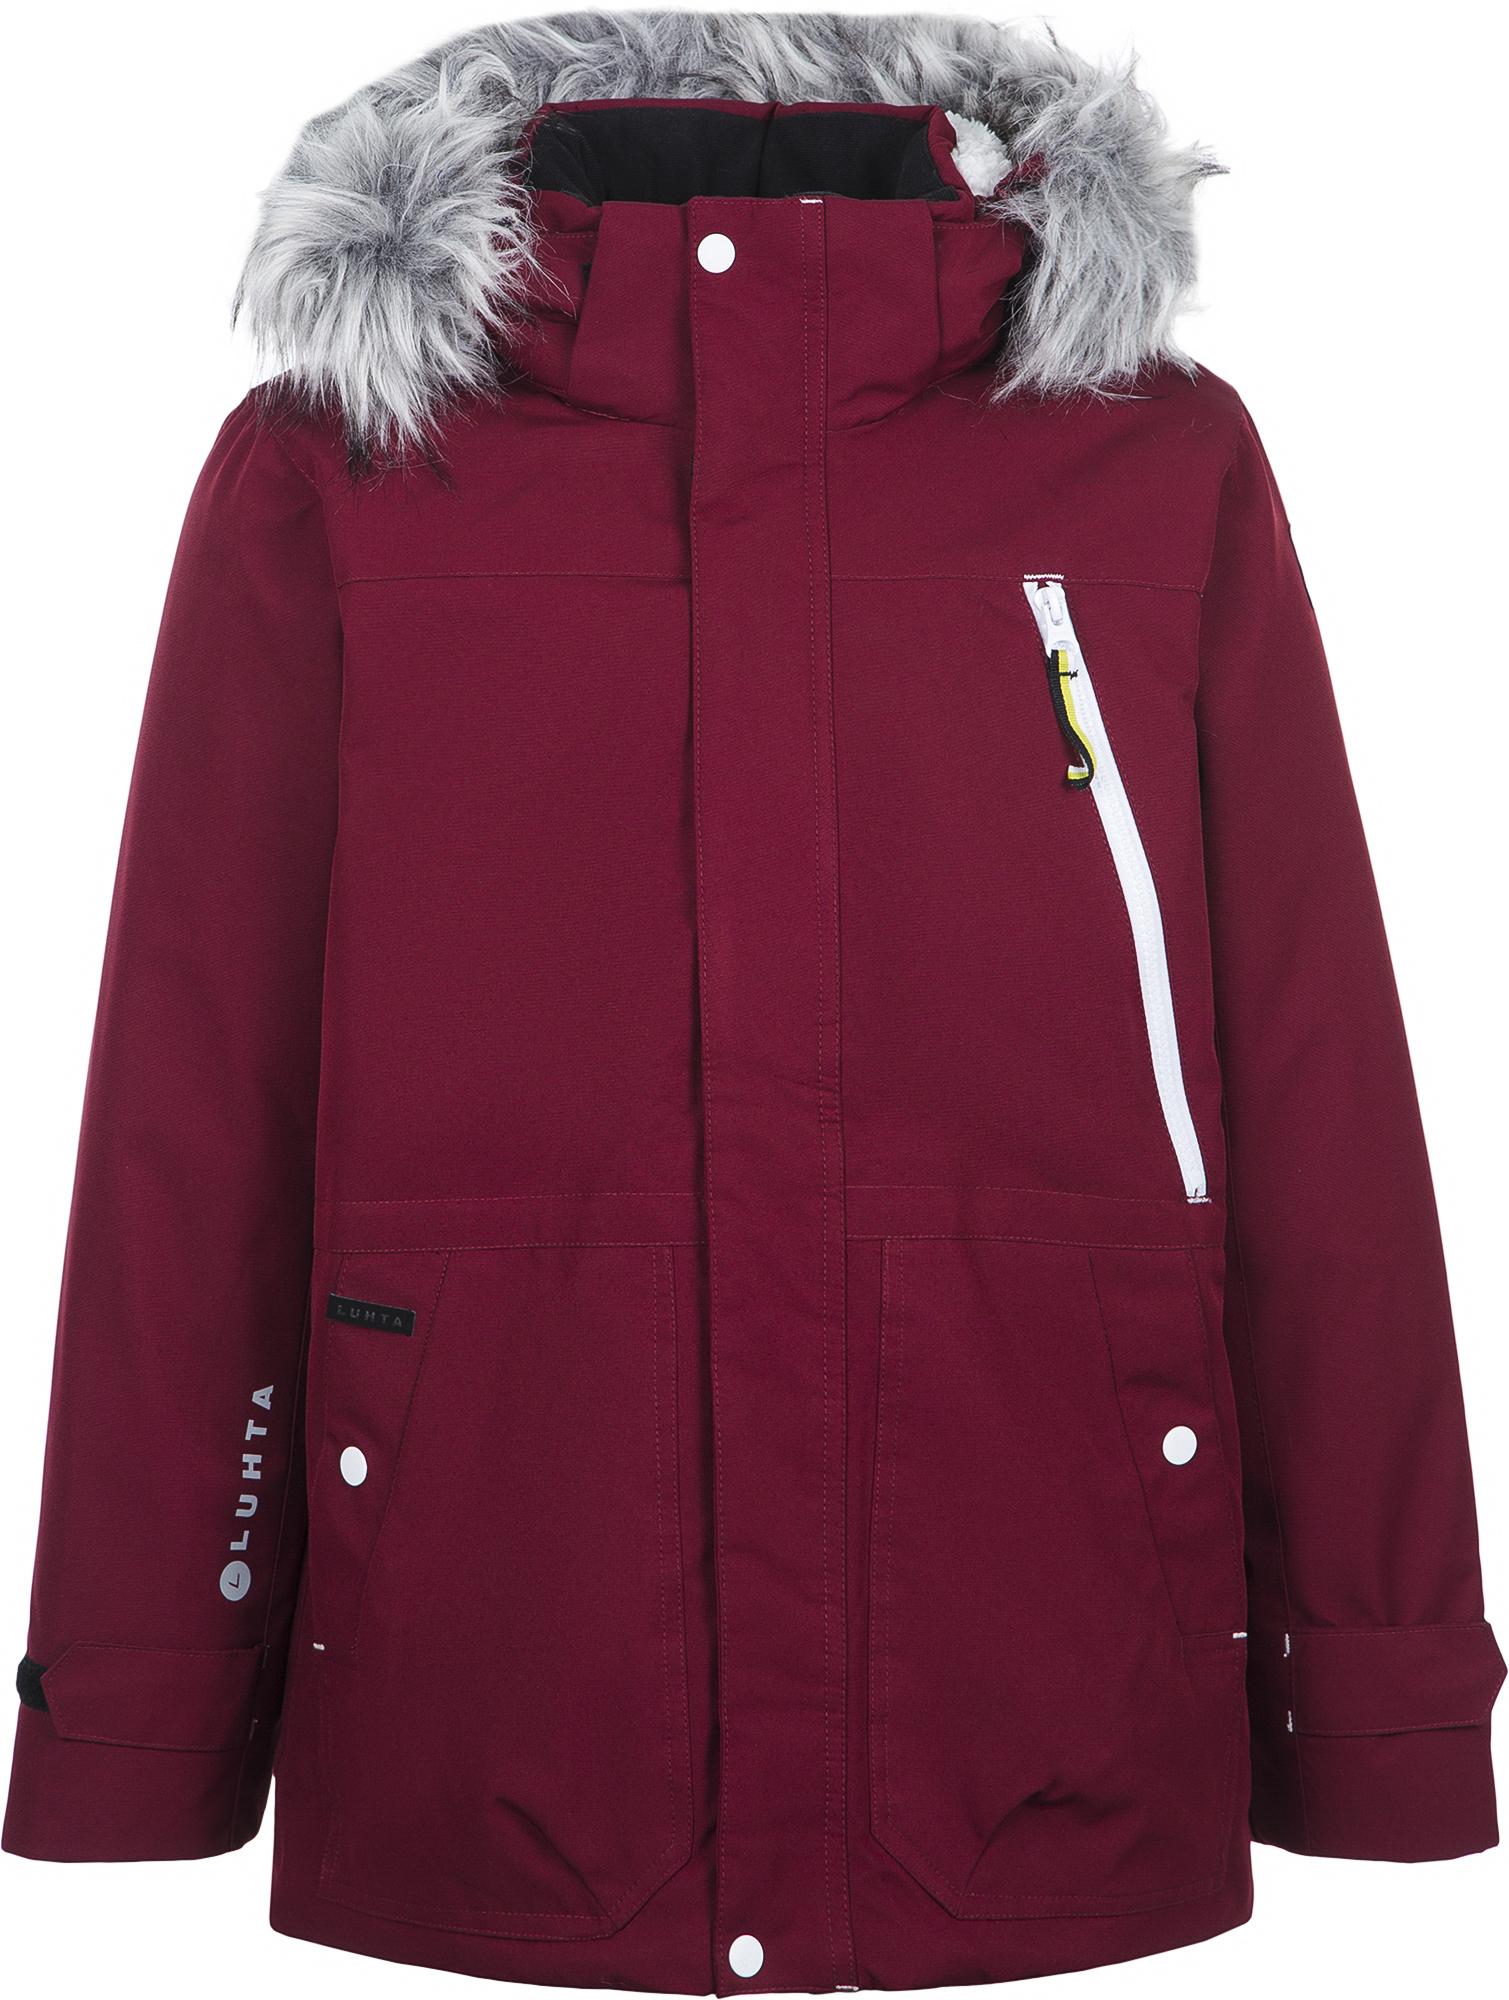 Luhta Куртка утепленная для мальчиков Luhta Lenku JR, размер 164 luhta куртка утепленная женская luhta petre размер 52